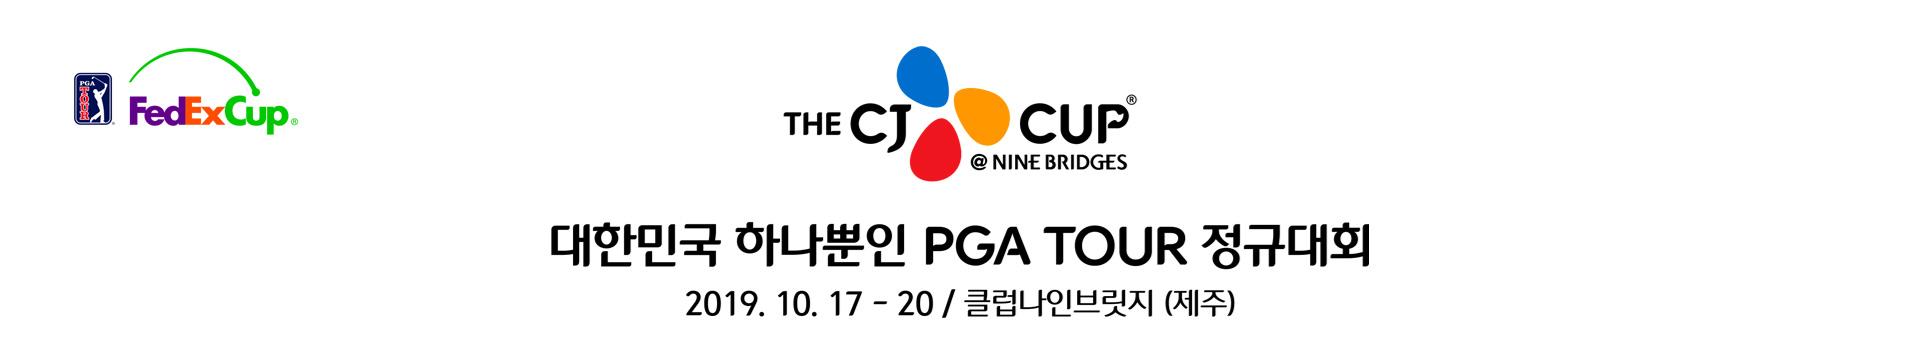 the cj cup nine bridges 대한민국 하나뿐인 pga tour 정규대회 2019.10.17~20/클럽나인브릿지(제주)